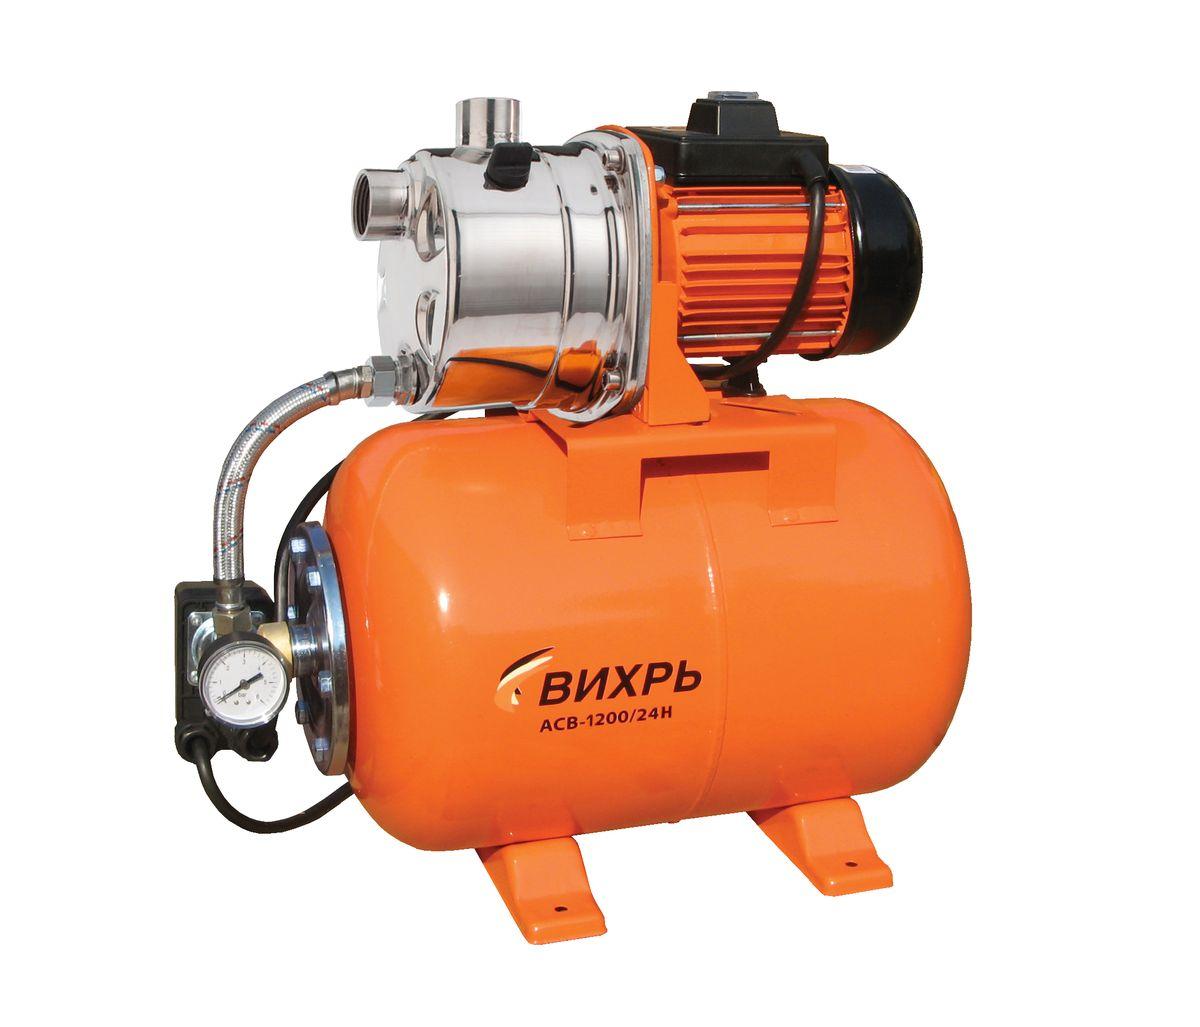 Насосная станция Вихрь АСВ-1200/24Н68/1/6Насосная станция Вихрь АСВ-1200/24Н предназначена для бесперебойного водоснабжения в автоматическом режиме, коттеджей, дач, ферм и других потребителей. При этом она автоматически поддерживает необходимое давление в системе водоснабжения, самостоятельно включаясь и отключаясь по мере расходования воды потребителями.Встроенный датчик давления обеспечивает автоматическое включение насоса в случае необходимости. Гидроаккумулятор служит для аккумулирования воды под давлением и сглаживания гидроударов. Он состоит из стального резервуара со сменной мембраной из пищевой резины и имеет пневмоклапан для закачивания сжатого воздуха.Насос со встроенным эжектором, сочетает преимущества центробежных с практичностью самовсасывающих насосов. Встроенный внутренний эжектор с системой труб Вентури обеспечивает хорошие условия всасывания на входе в насос и позволяет создать высокое давление на выходе. Они позволяют перекачивать воду с меньшими, по сравнению с обычными центробежными насосами, требованиями к чистоте и наличию растворенных газов. Рабочее колесо и проточный блок направляющий аппарат - трубка Вентури - сопло выполнены из износостойких пластических материалов.Насосная станция не может использоваться на открытом воздухе при температуре окружающей среды ниже +1°С. Запрещается перекачивание горячей (выше +50°С) воды.